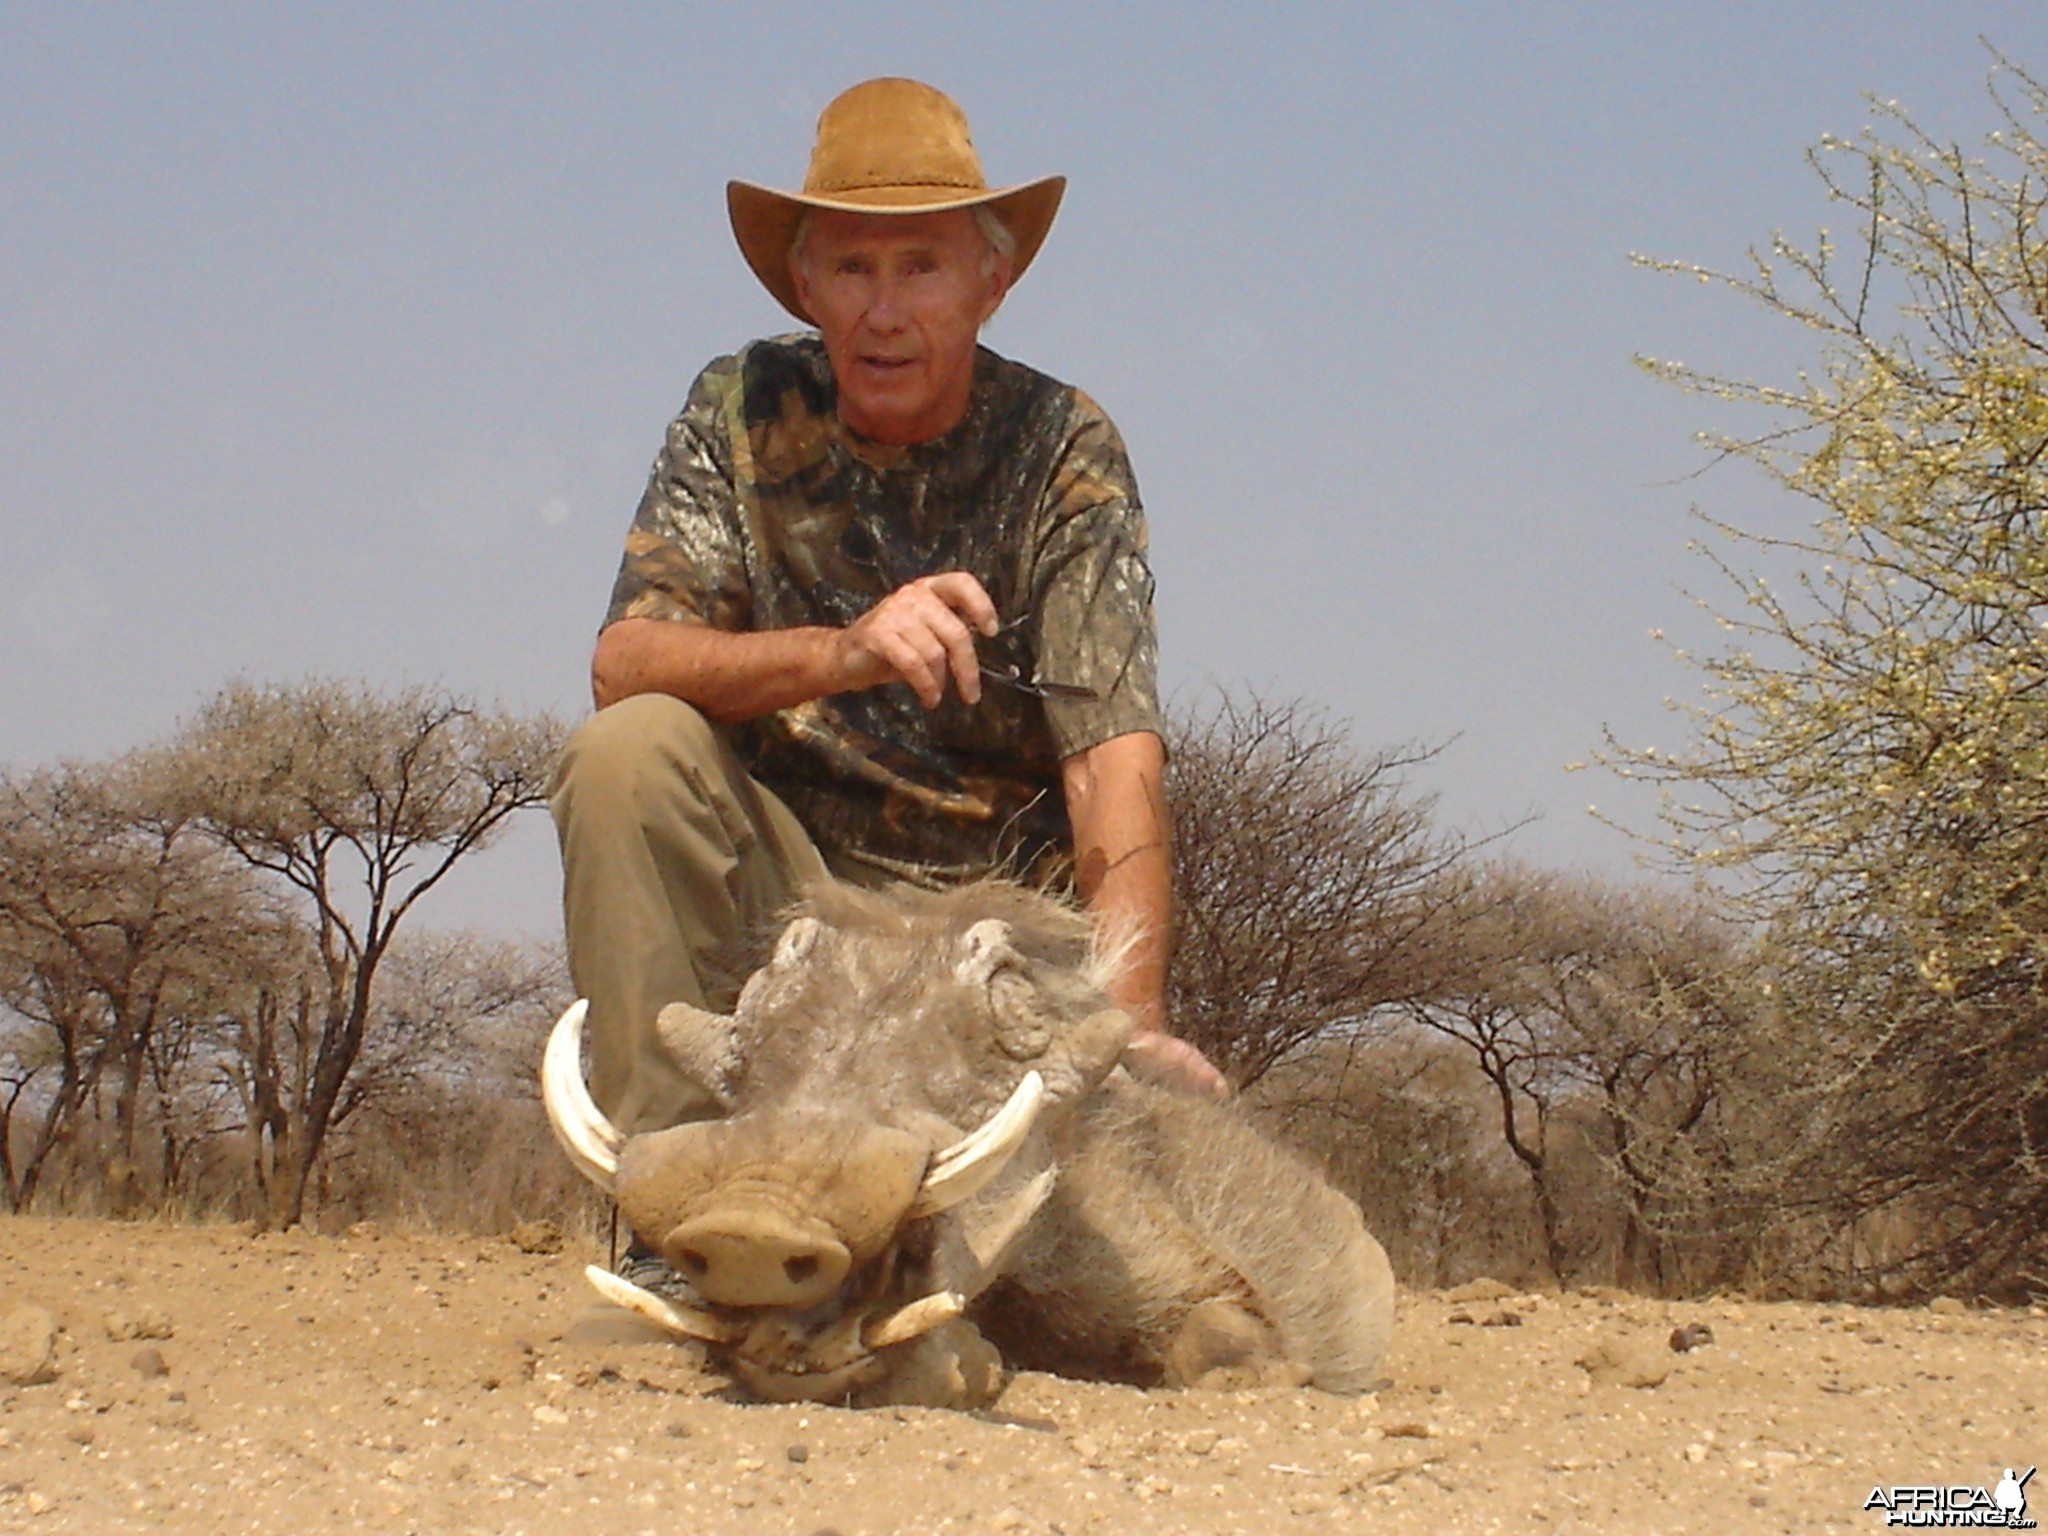 Hunting Warthog in Namibia